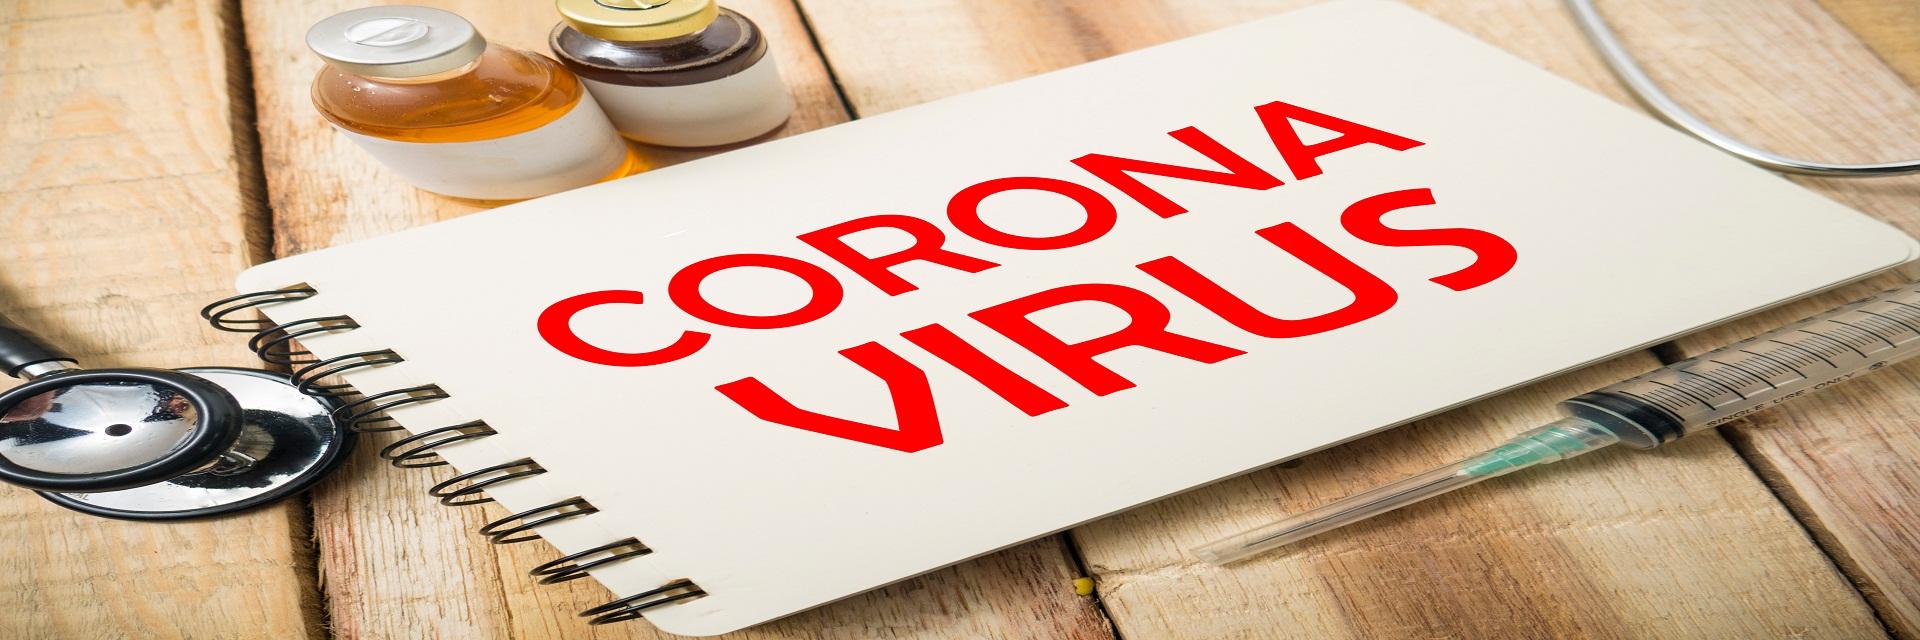 สถานการณ์ล่าสุดเกี่ยวกับโรคติดเชื้อไวรัสโคโรนา 2019 (COVID-19)